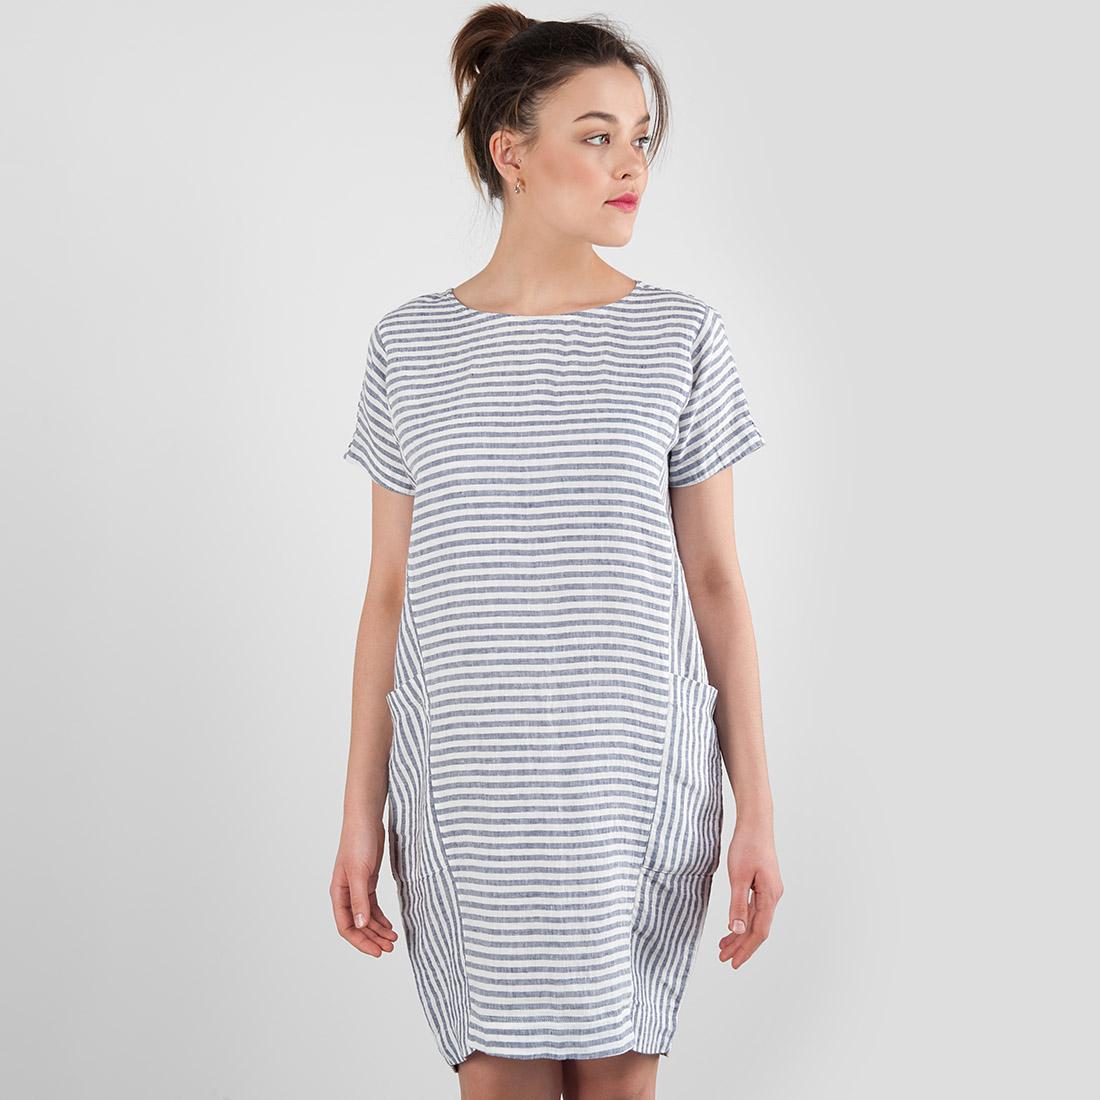 Lininė suknelė dryžuota, mėlynos ir pieno baltumo juostelės, pagaminta AB